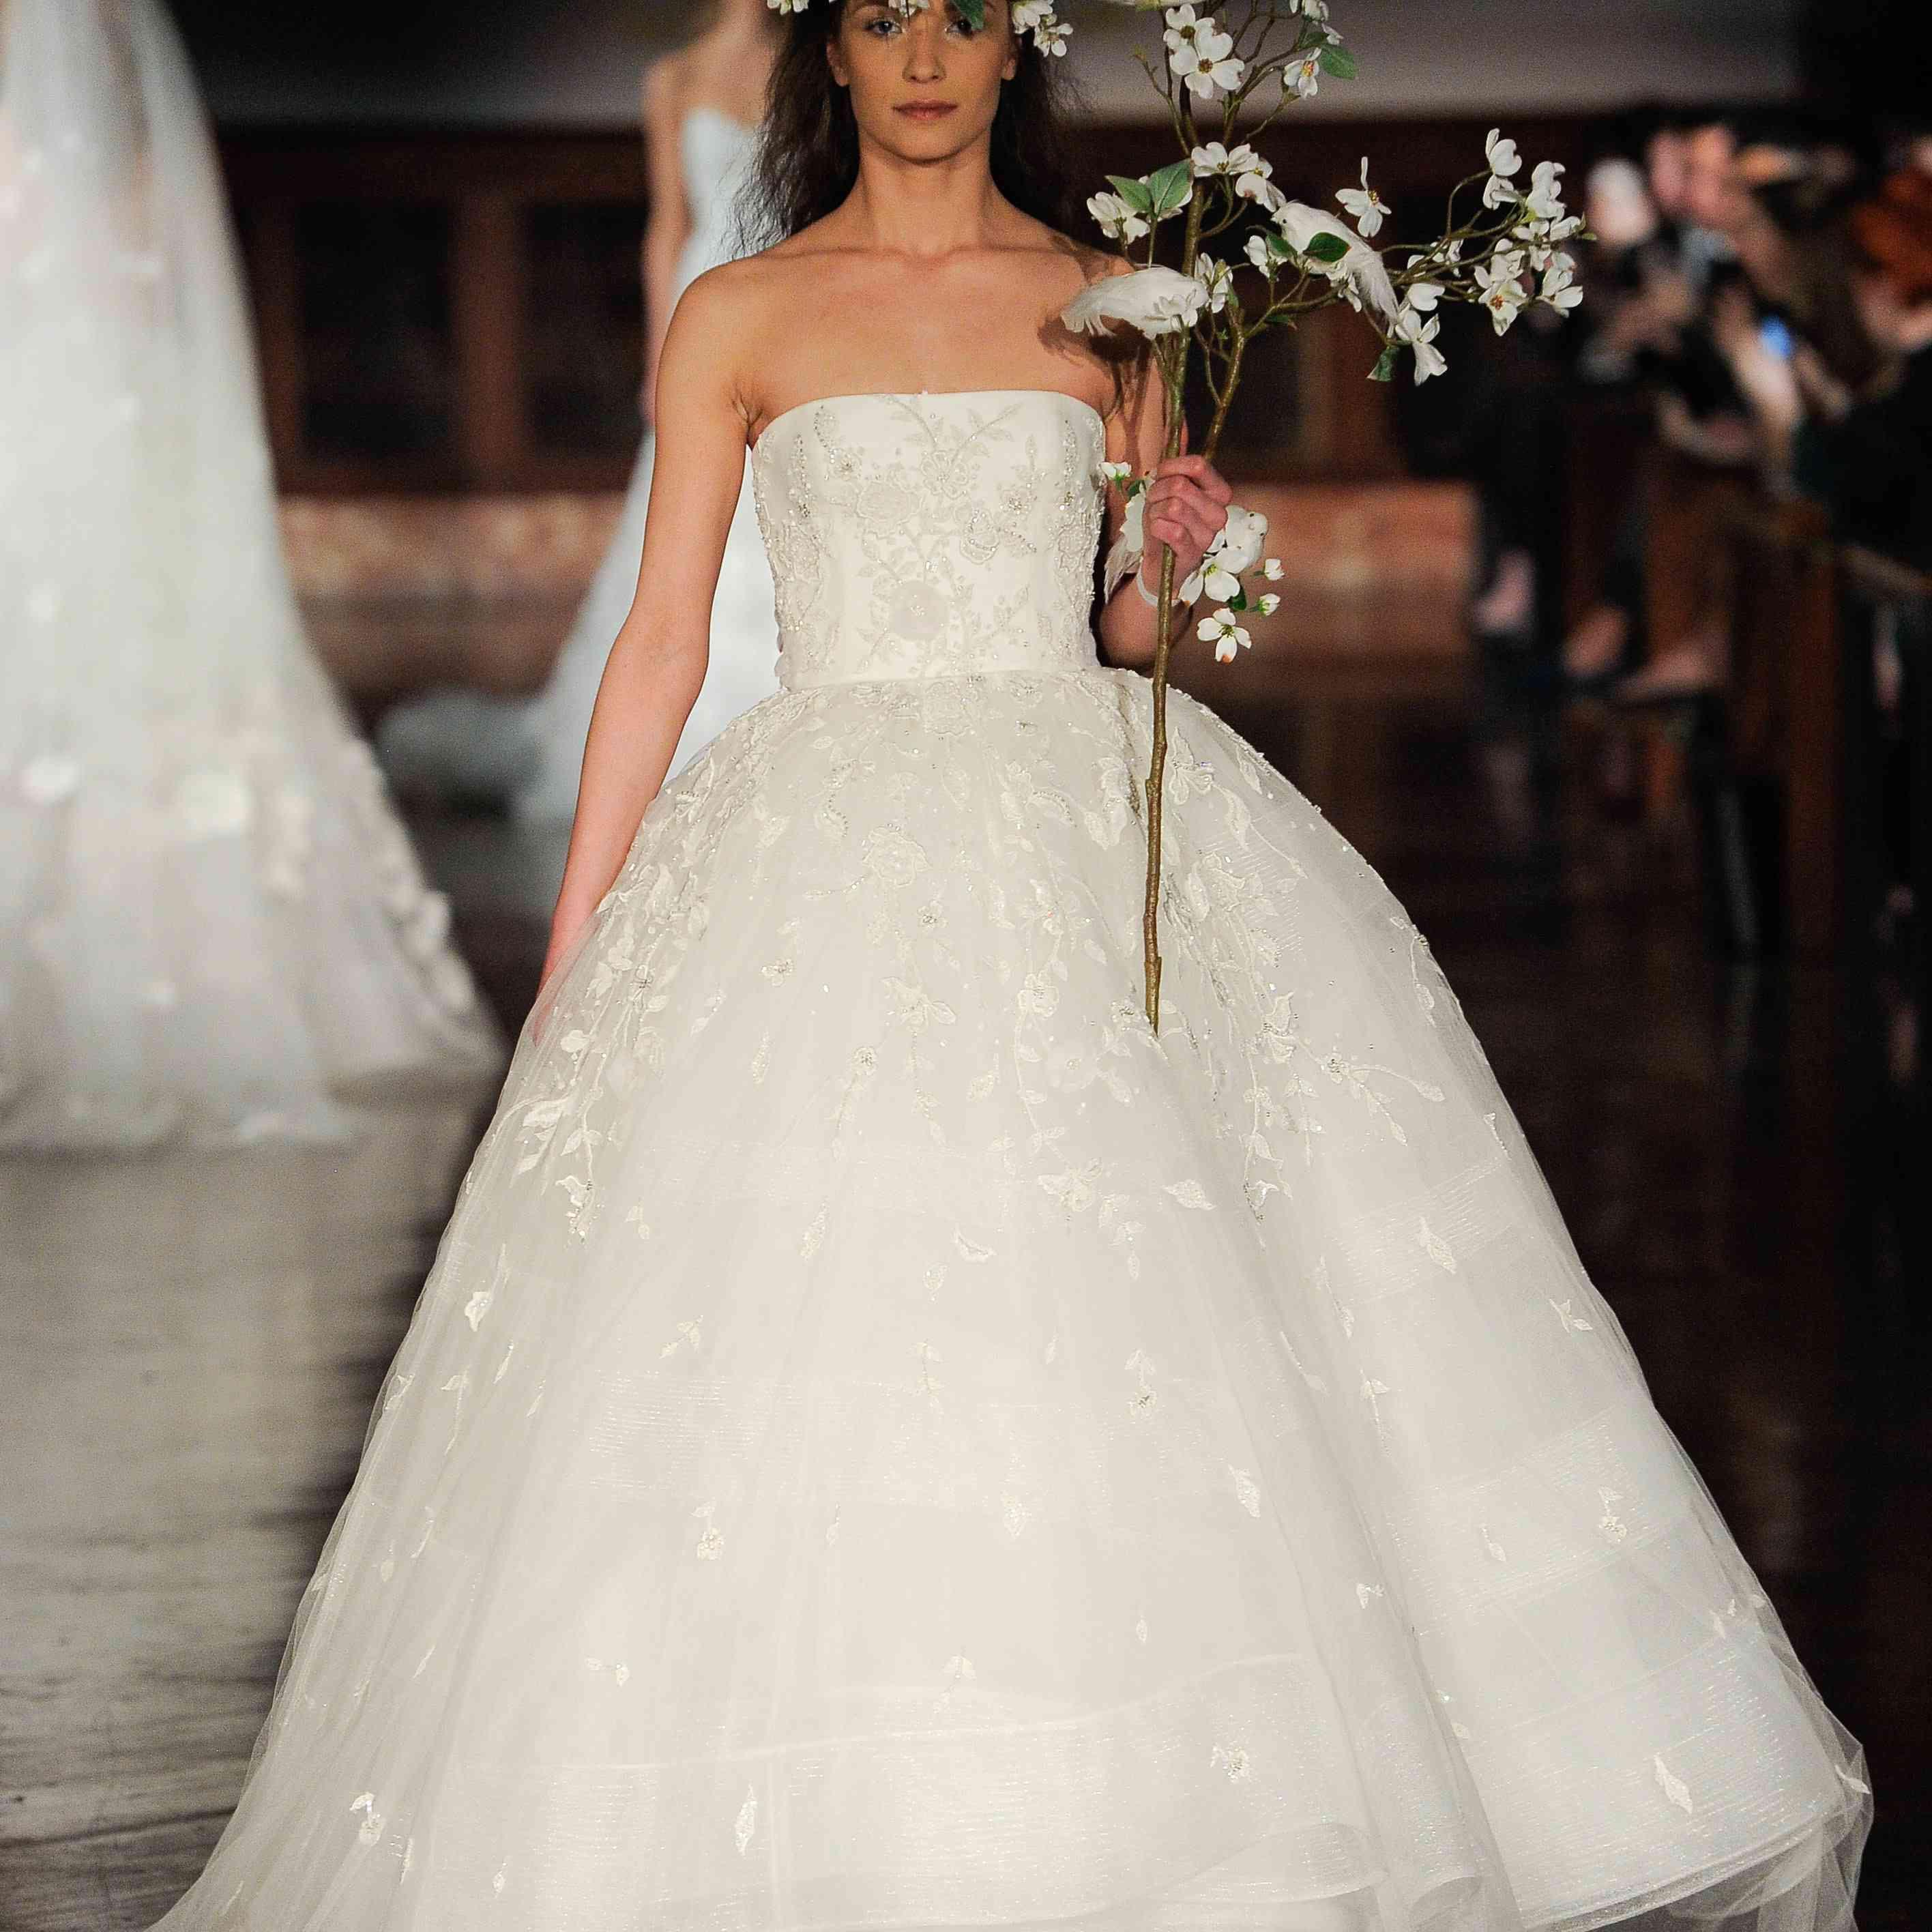 Discount Blush Vintage Full Lace Wedding Dresses Plunging V Neck